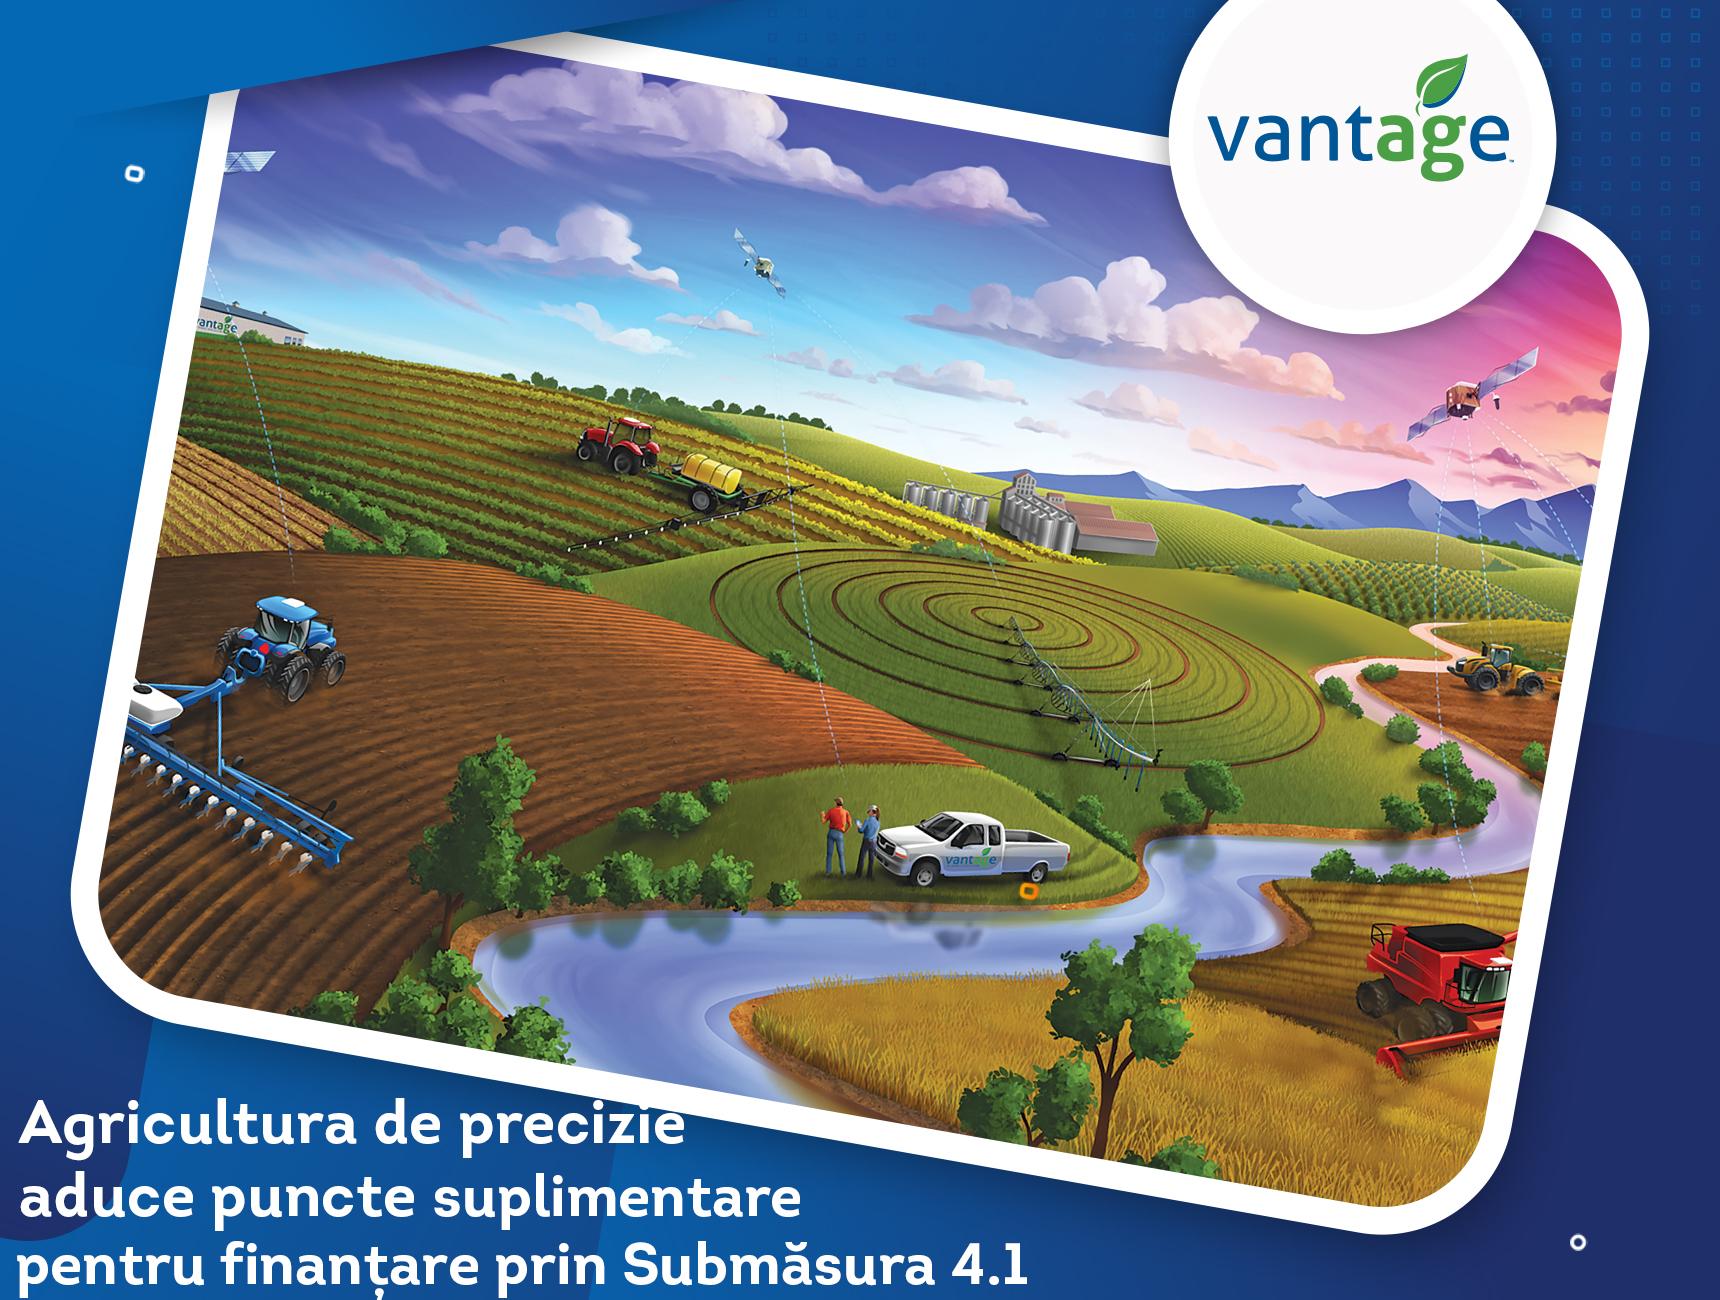 Agricultura de precizie aduce puncte suplimentare pentru finanțare prin Submăsura 4.1